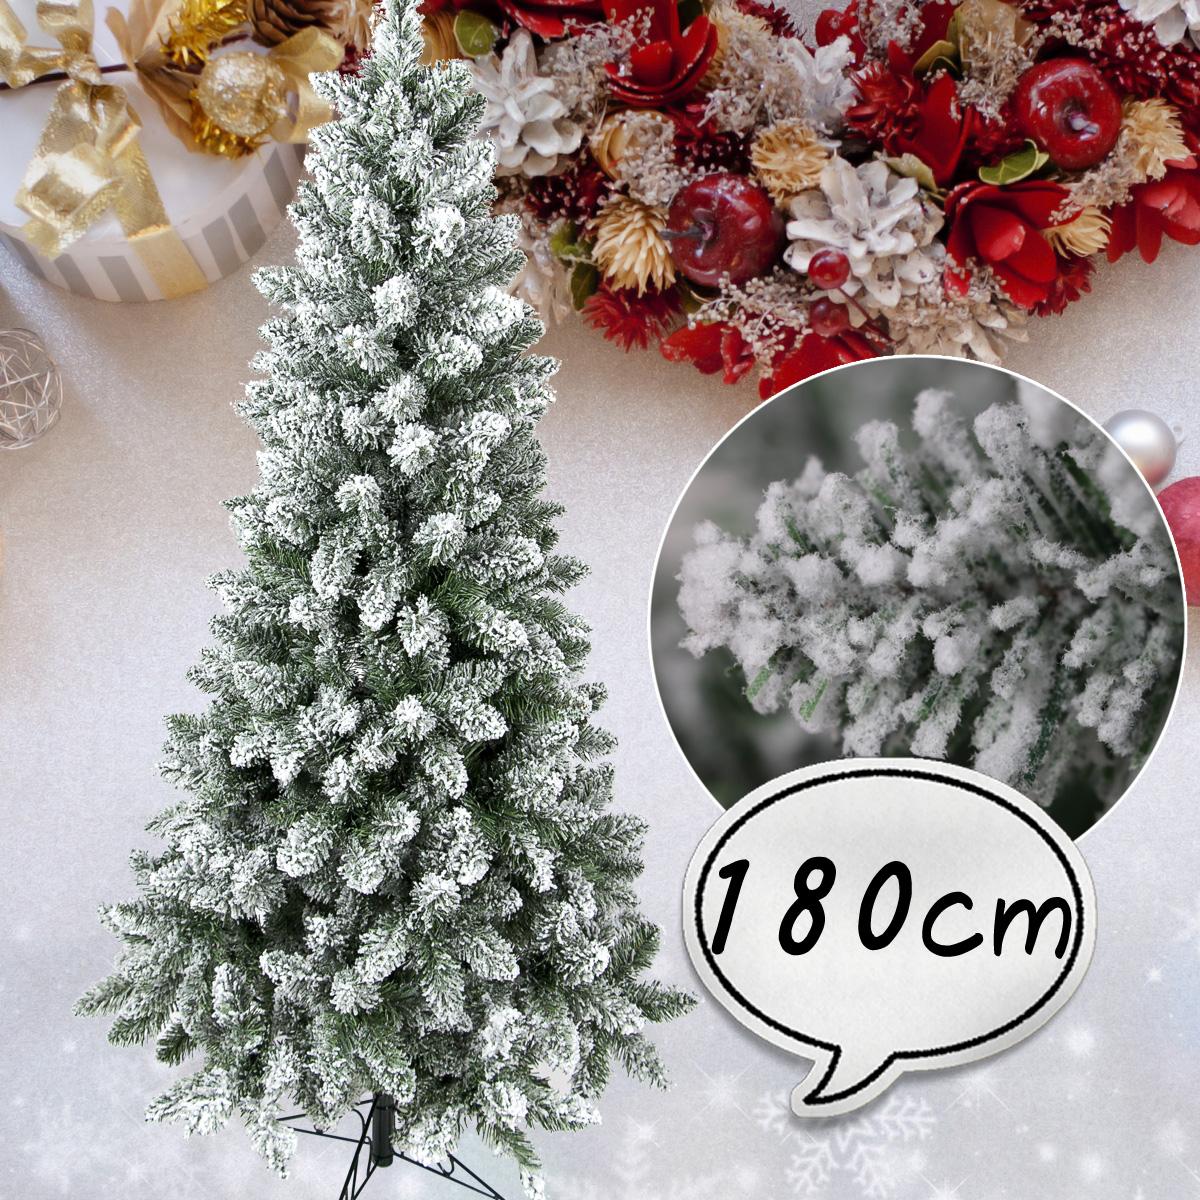 クリスマスツリー 180cm フロストツリー スリム 木 スノーツリー 北欧 おしゃれ 雪 【10月中旬入荷予定】